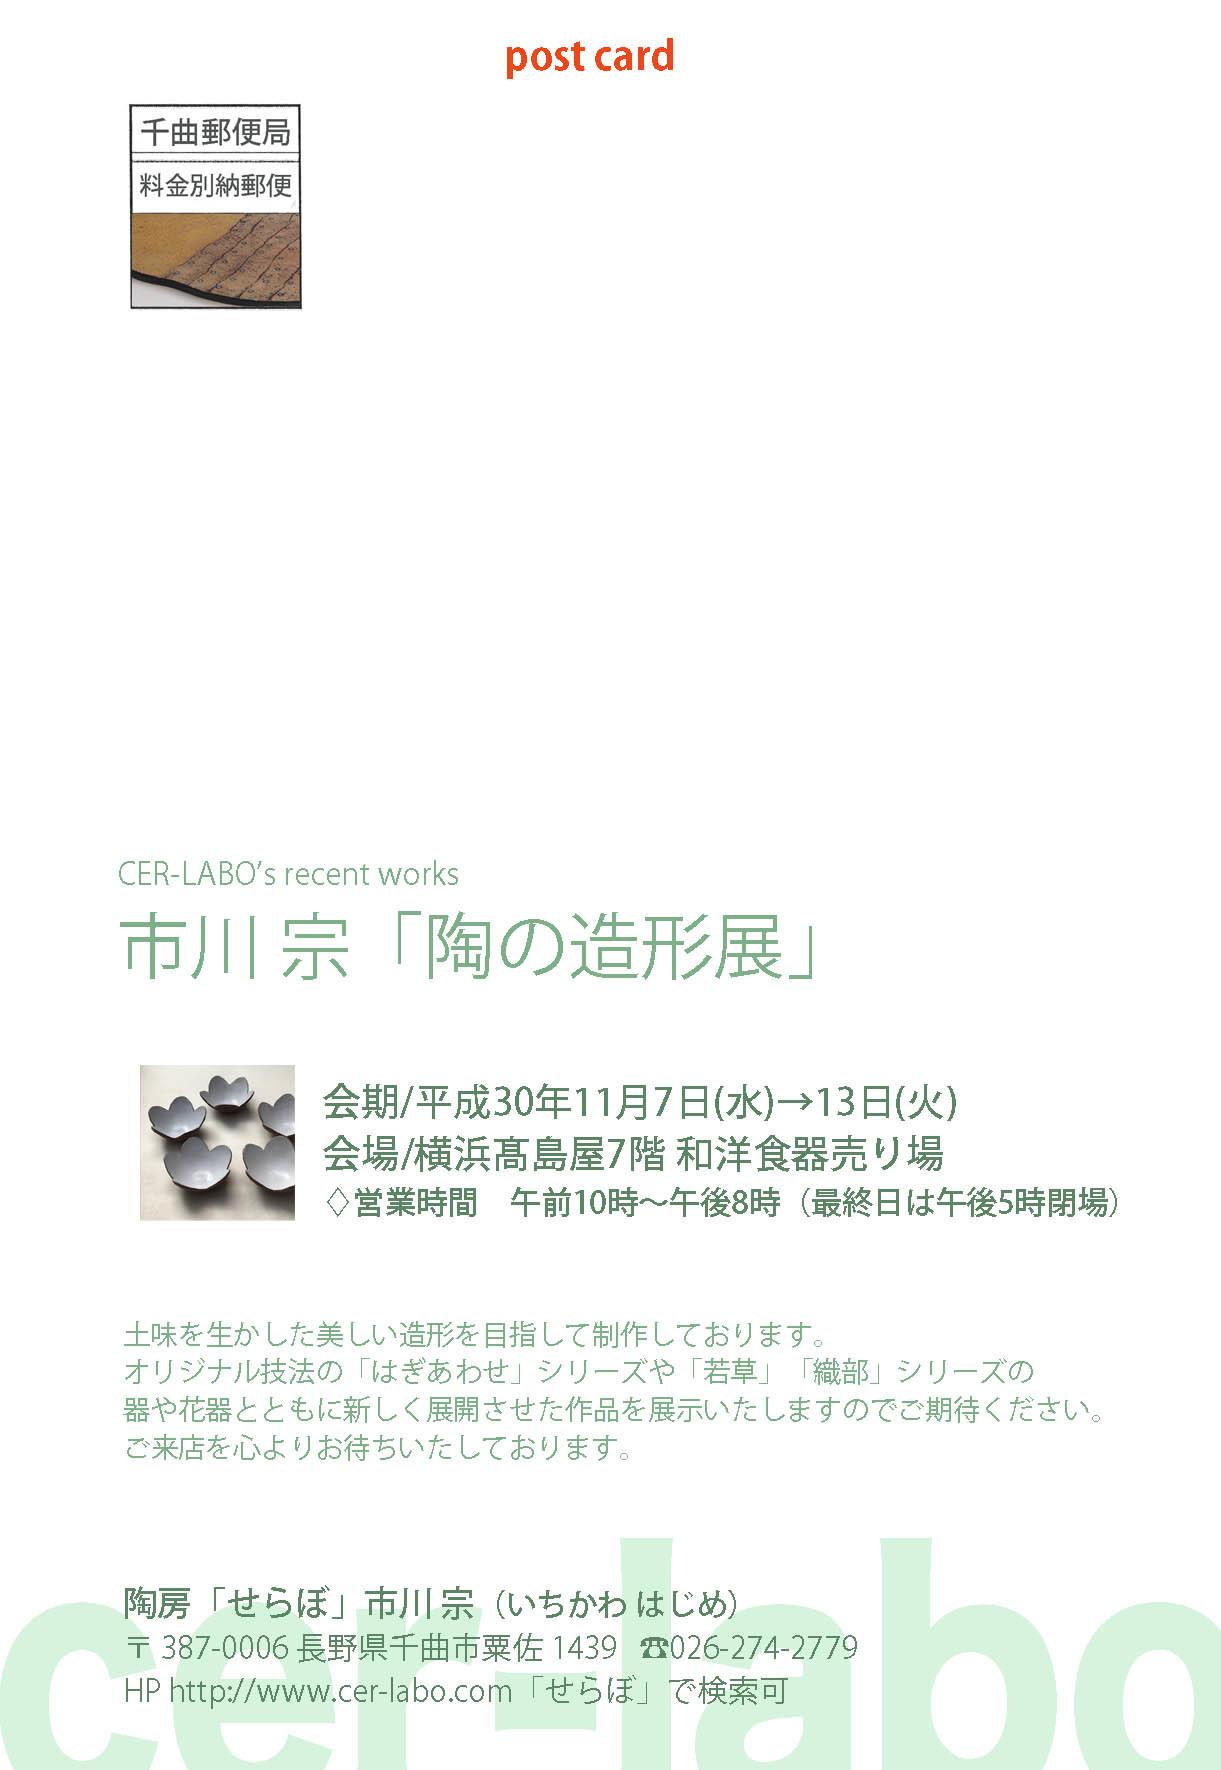 横浜のDMデザイン_e0226943_22470450.jpg